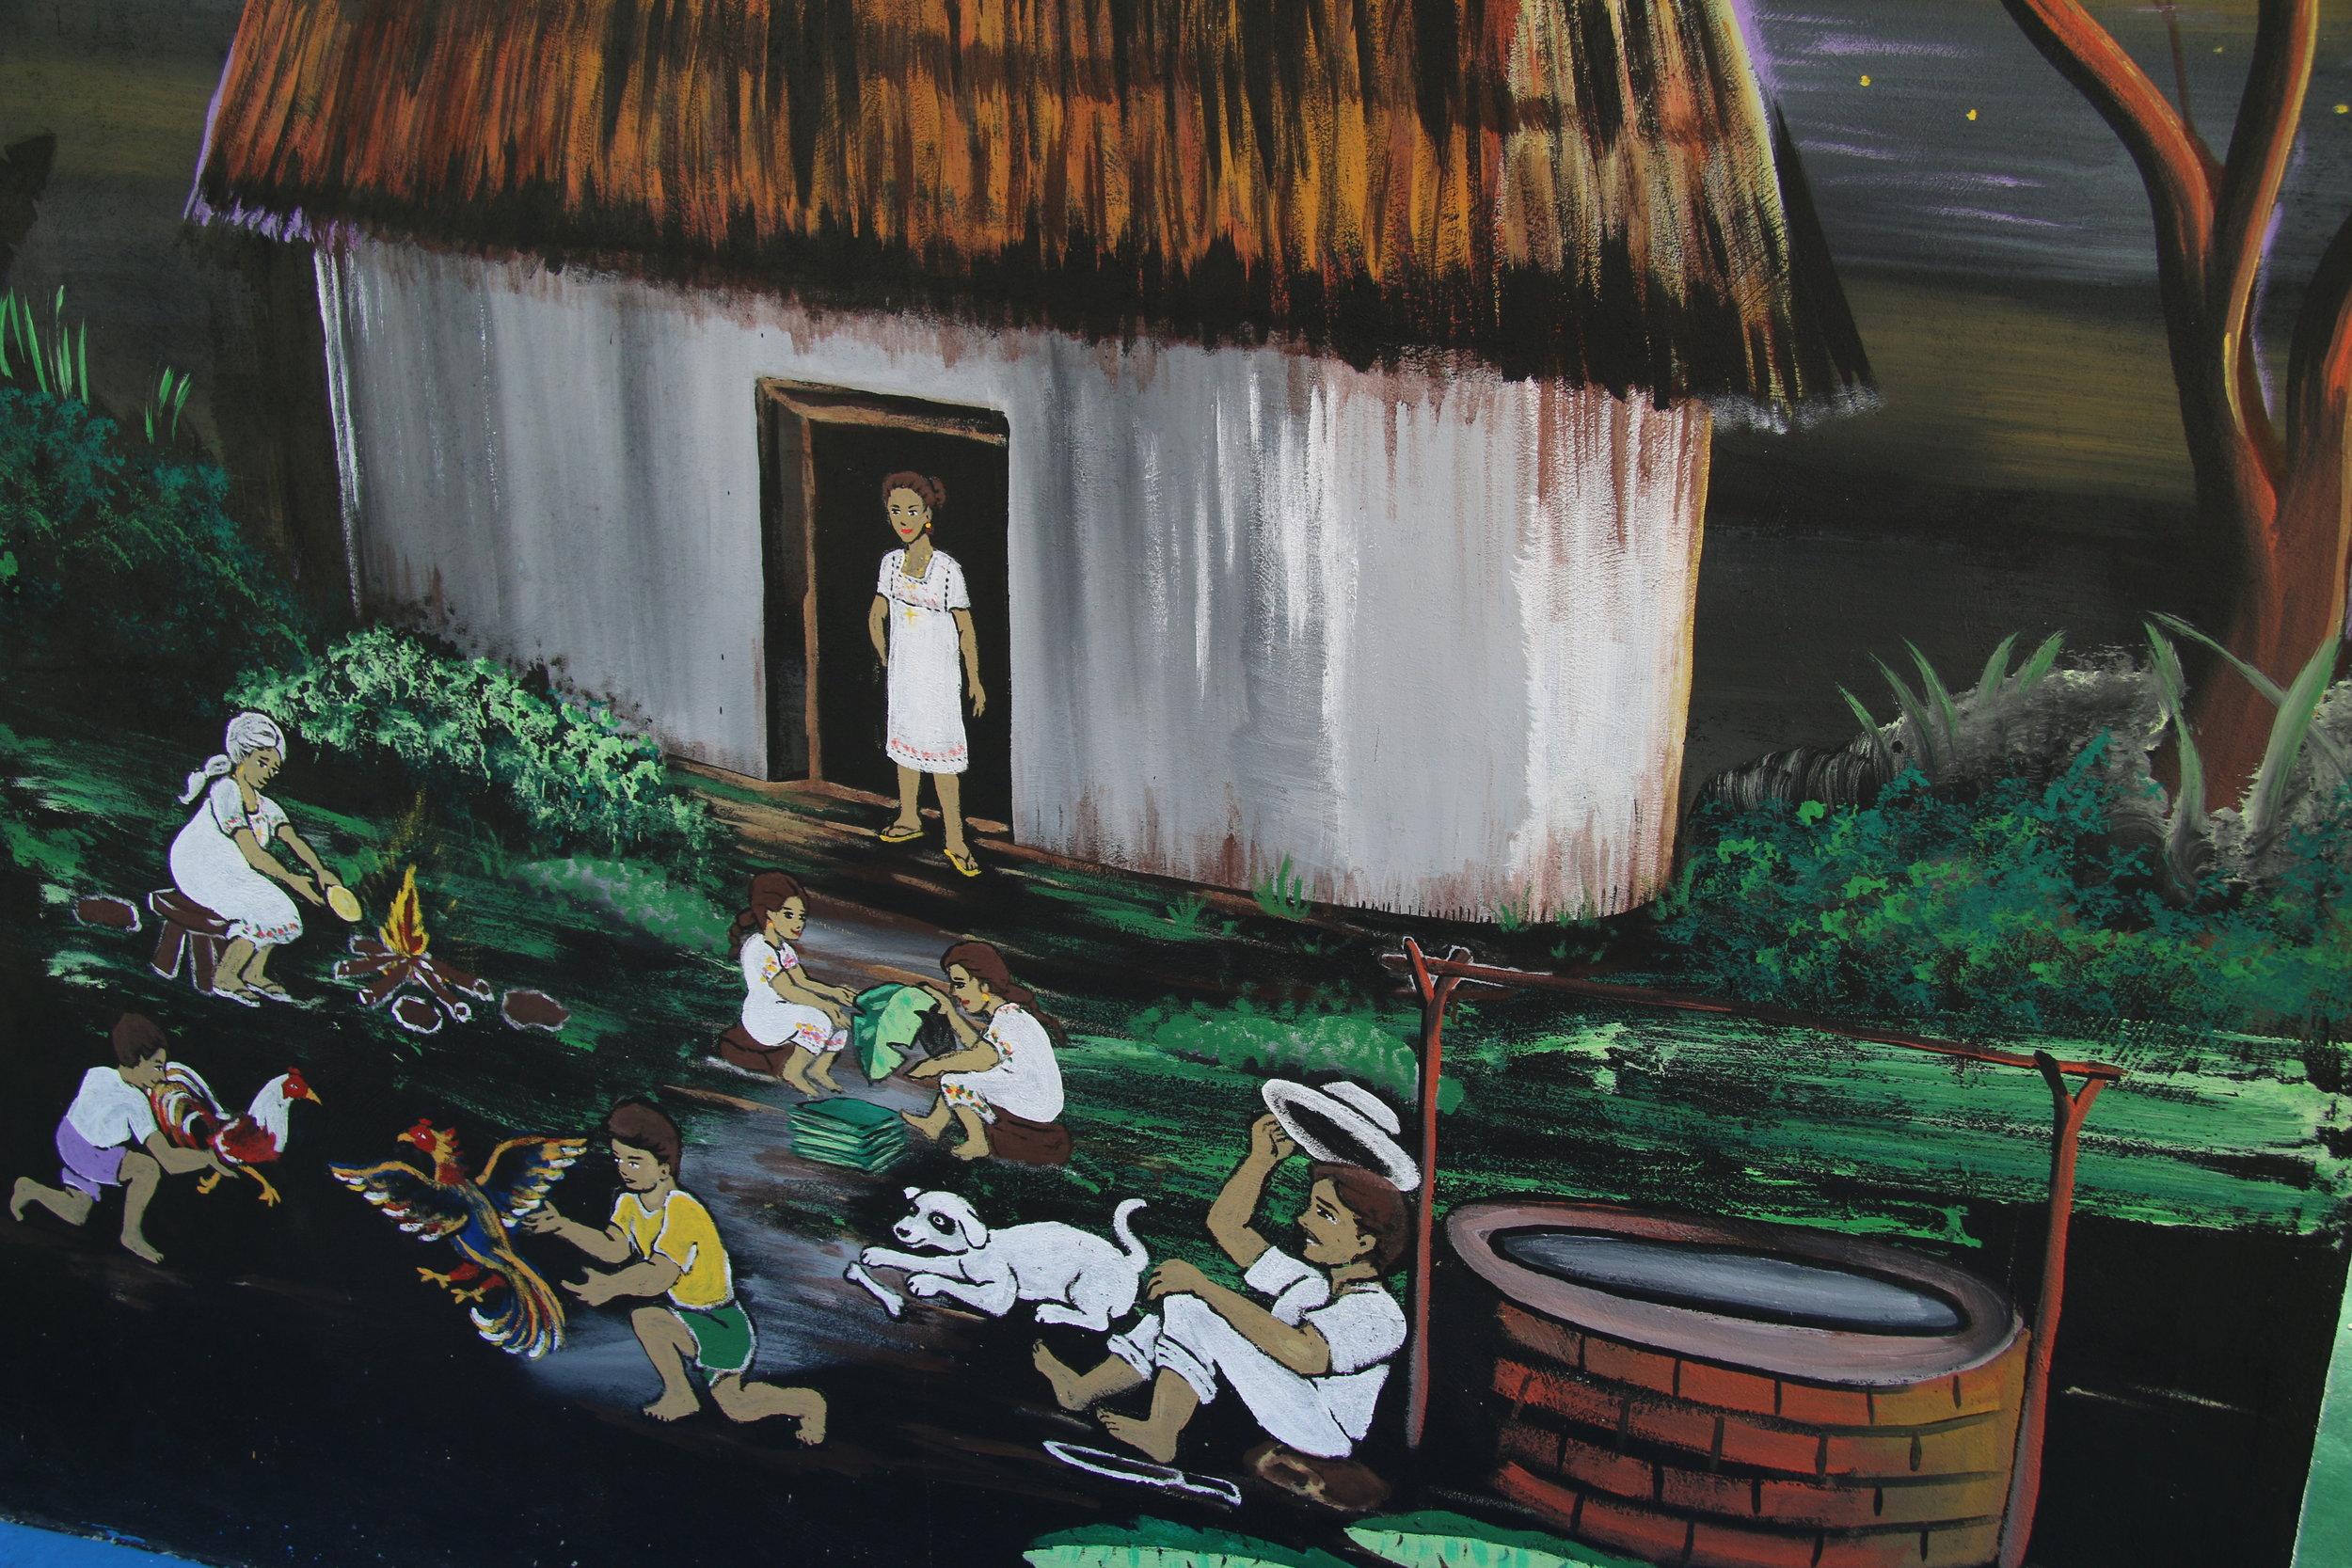 Mural detail, Mayan heritage